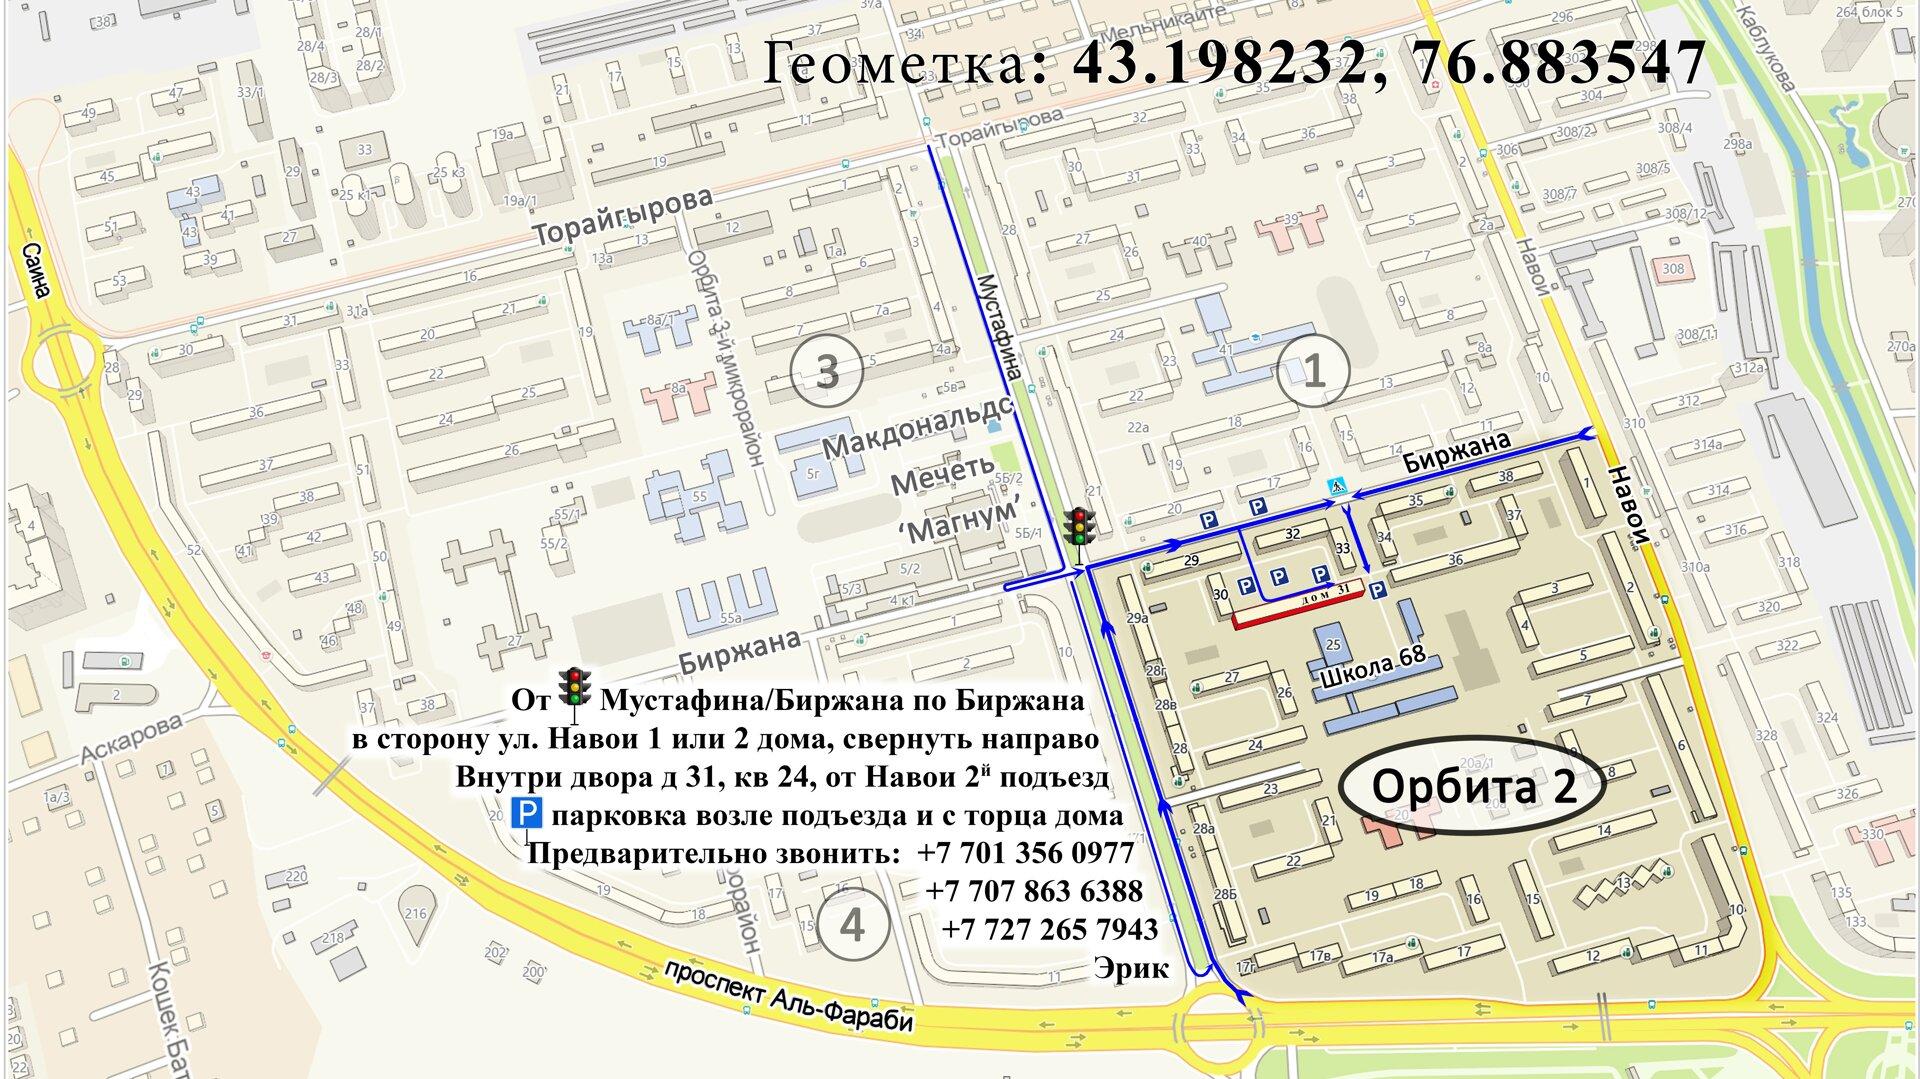 Адрес - фото Детальная схема проезда до офиса.jpg